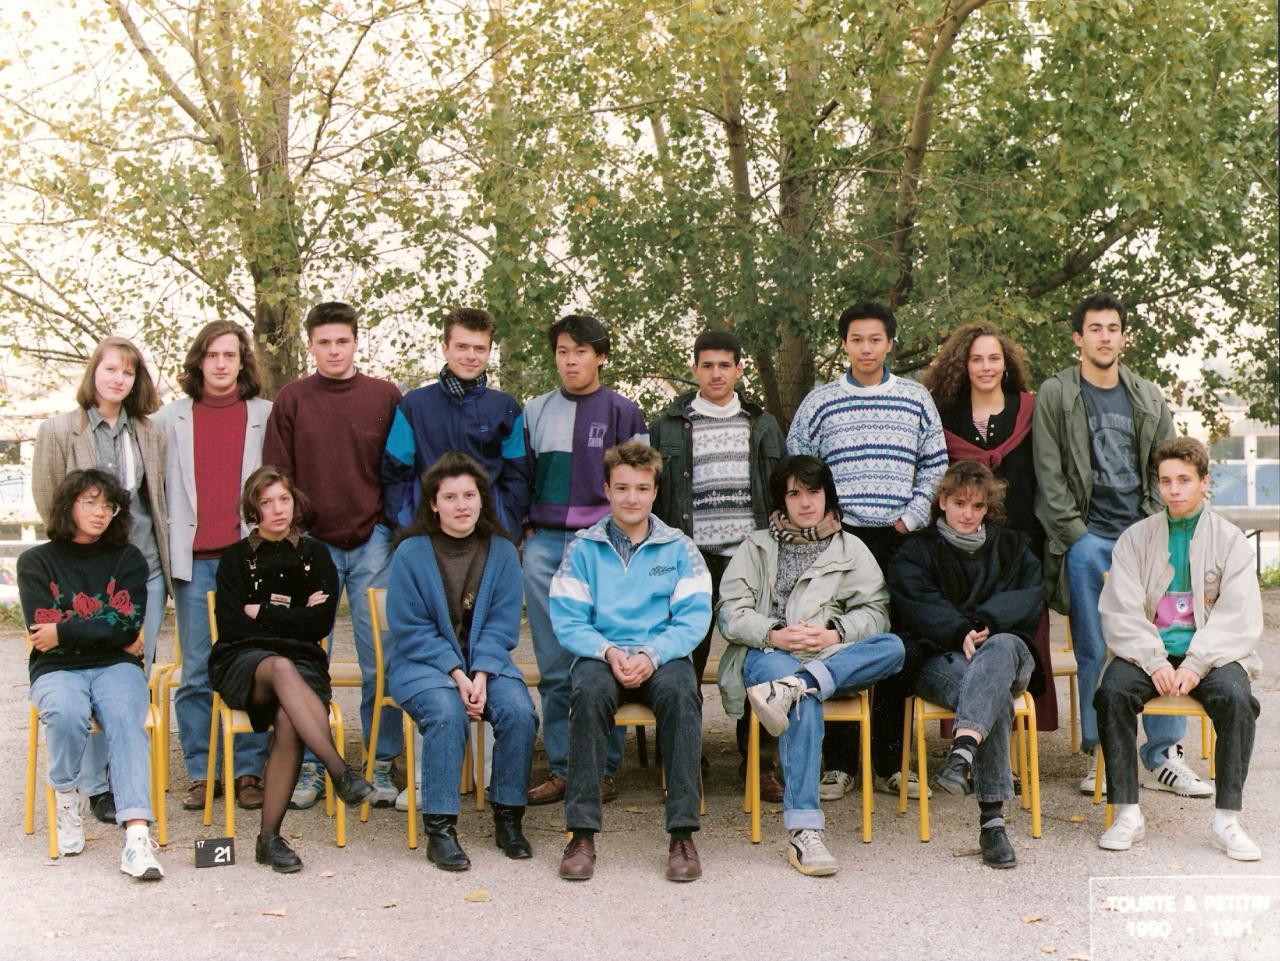 1991 - T D2